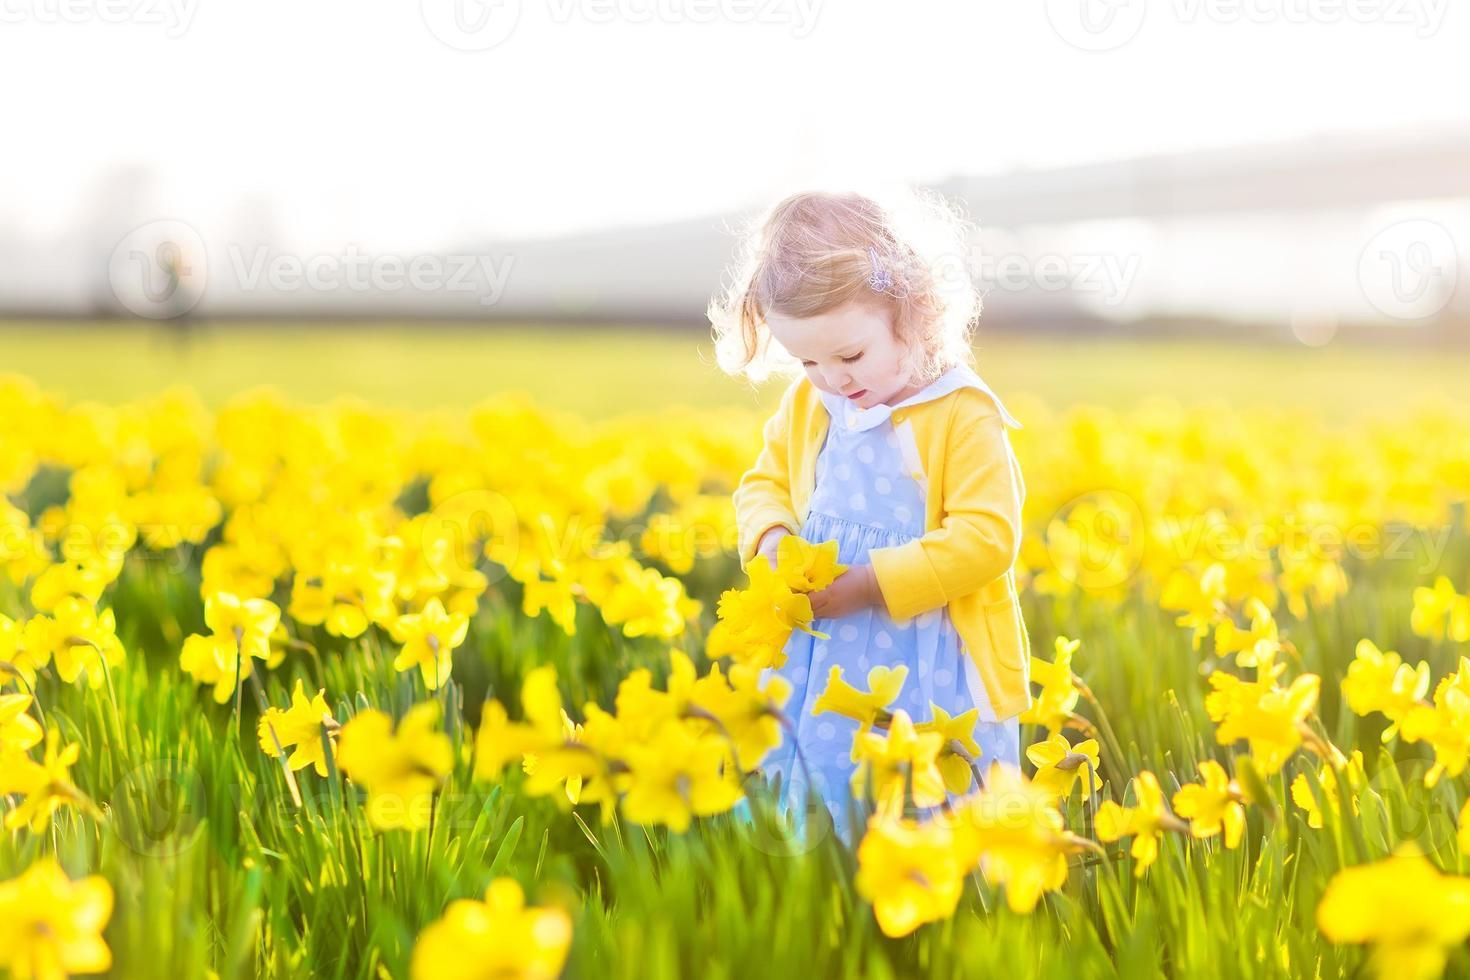 menina bonito da criança de vestido azul, jogando no campo da flor foto